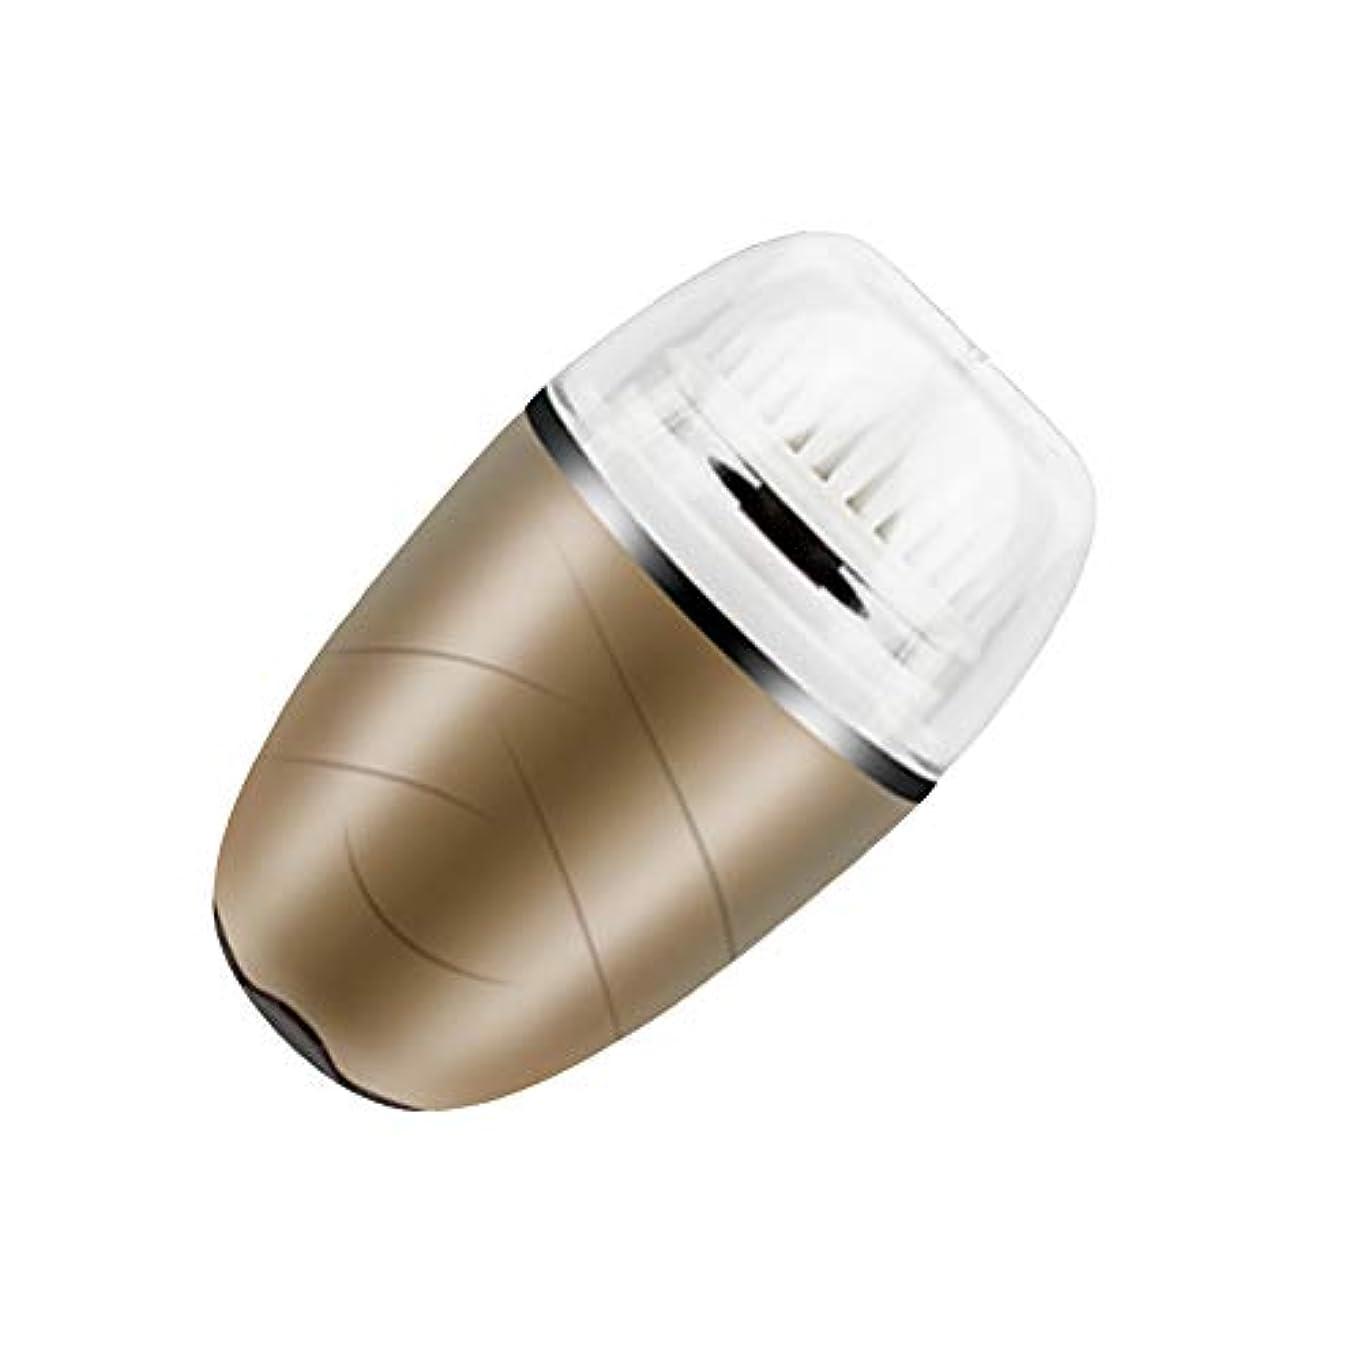 ゴールデン何故なの深める洗顔ブラシ、電動ソニックフェイスブラシ振動顔クレンジングシステム防水ブラシにきびエクスフォリエーター USB 充電式,Gold